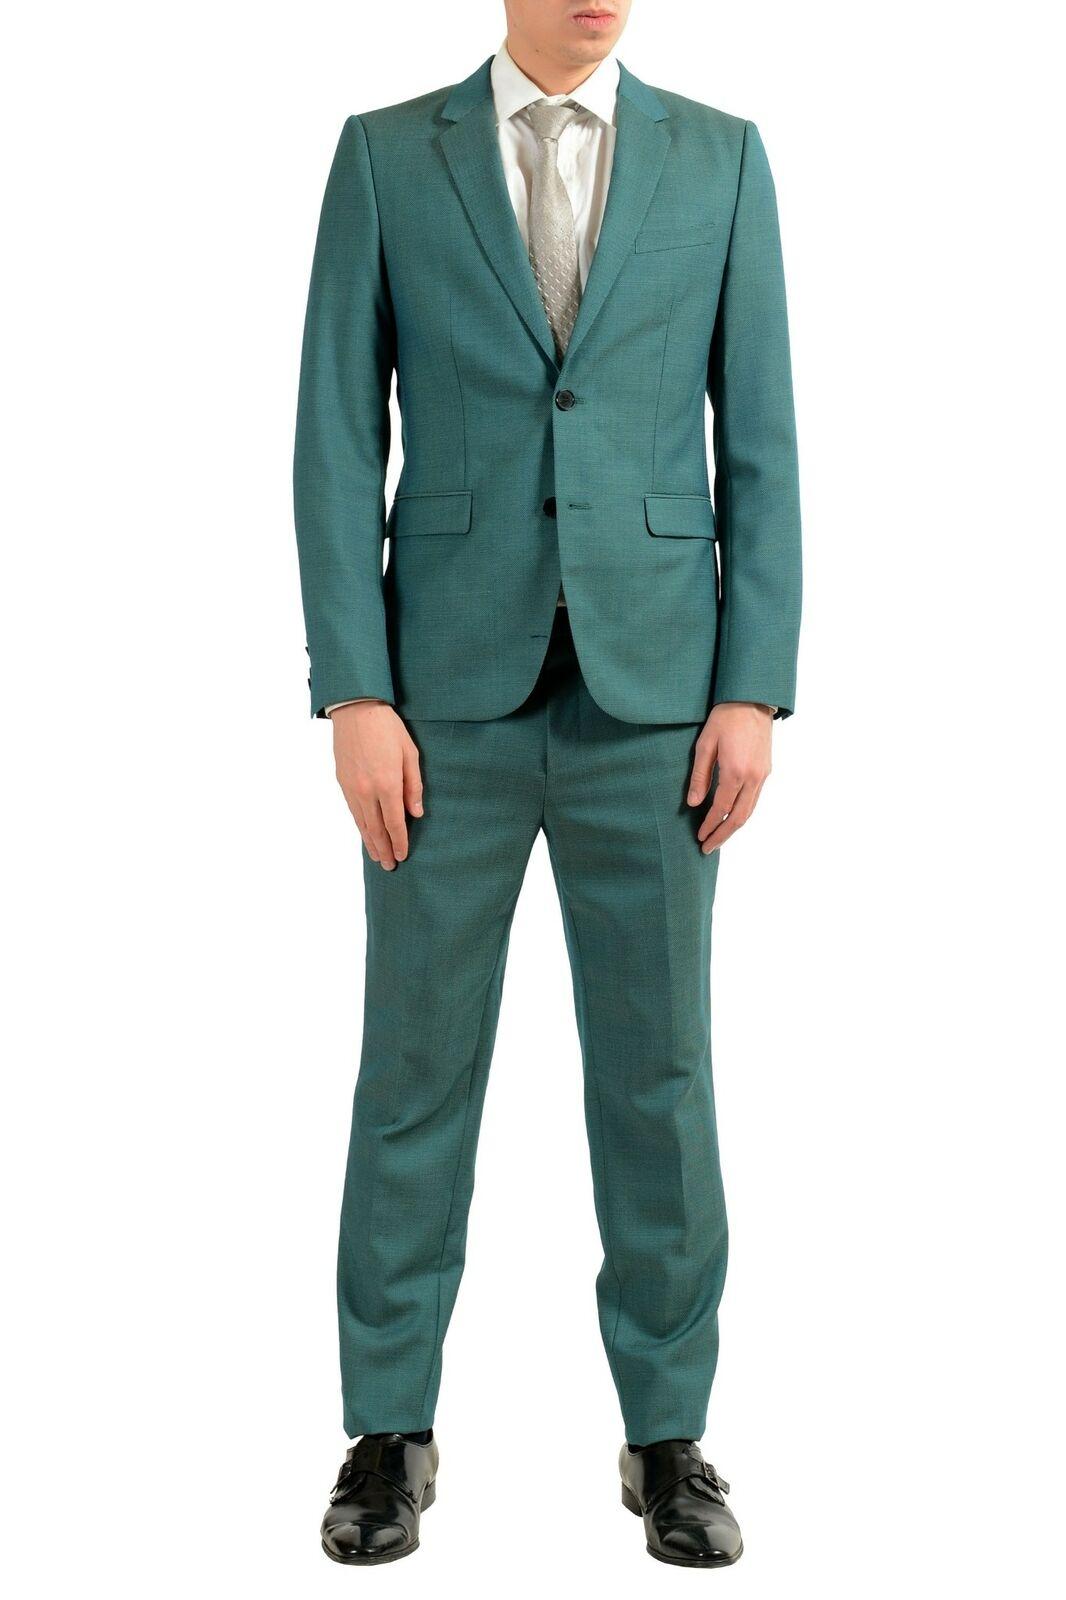 Hugo Boss Zoll Astian   Hets Zoll Herren 100%Wolle Grün Zwei Knopfen Anzug  | Ruf zuerst  | Schnelle Lieferung  | Ausgezeichnetes Preis